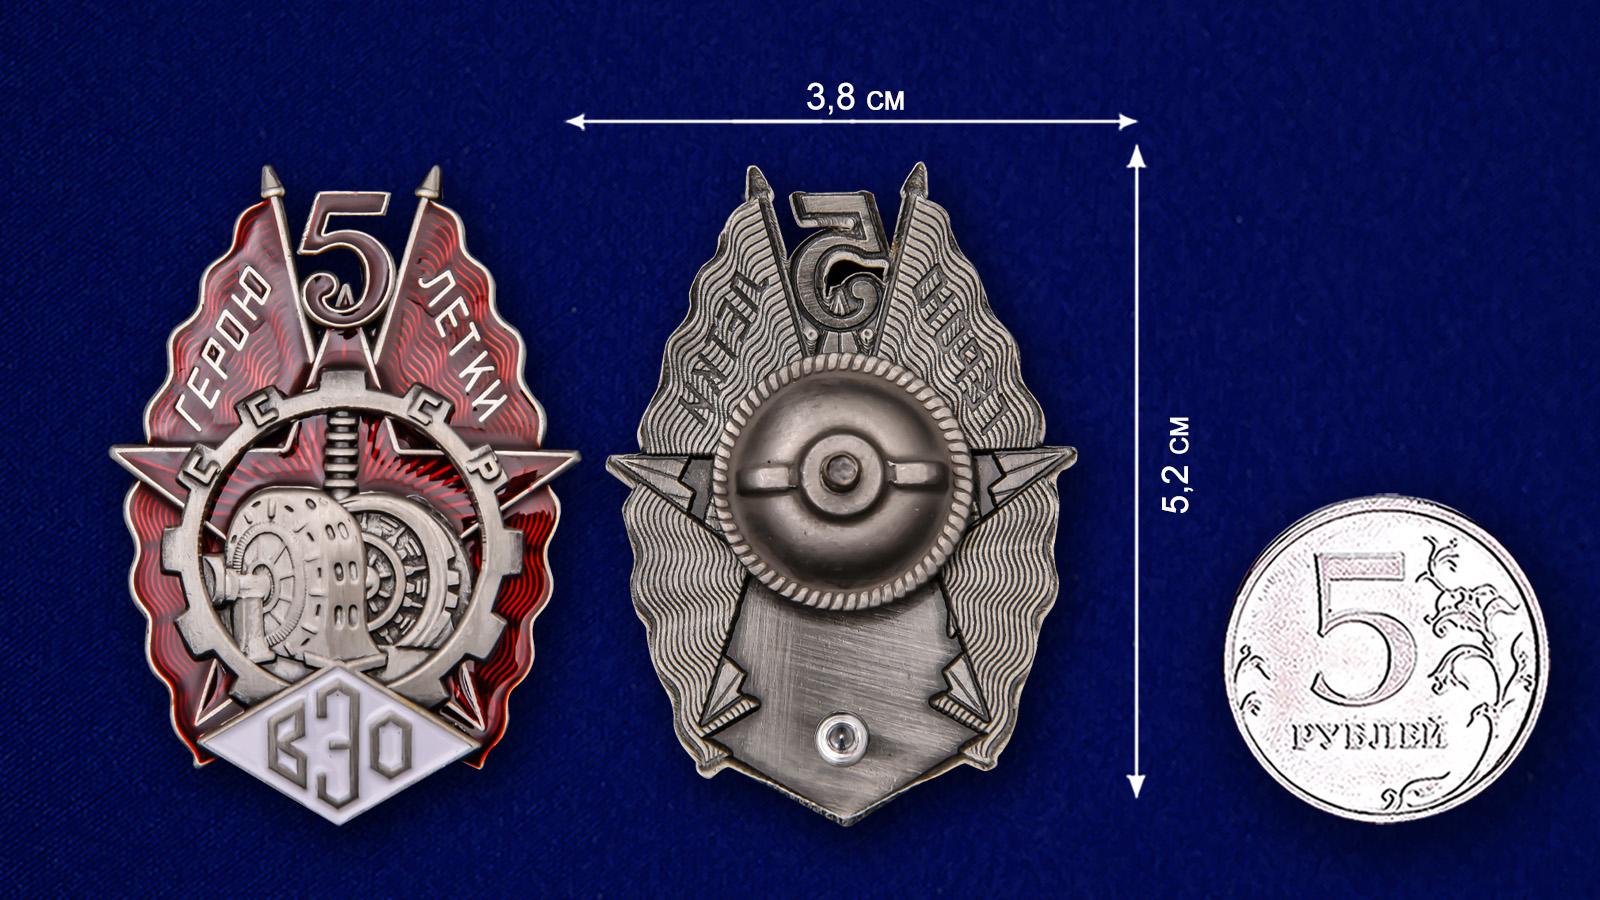 Наградной знак Герою пятилетки (ВЭО) - сравнительный вид